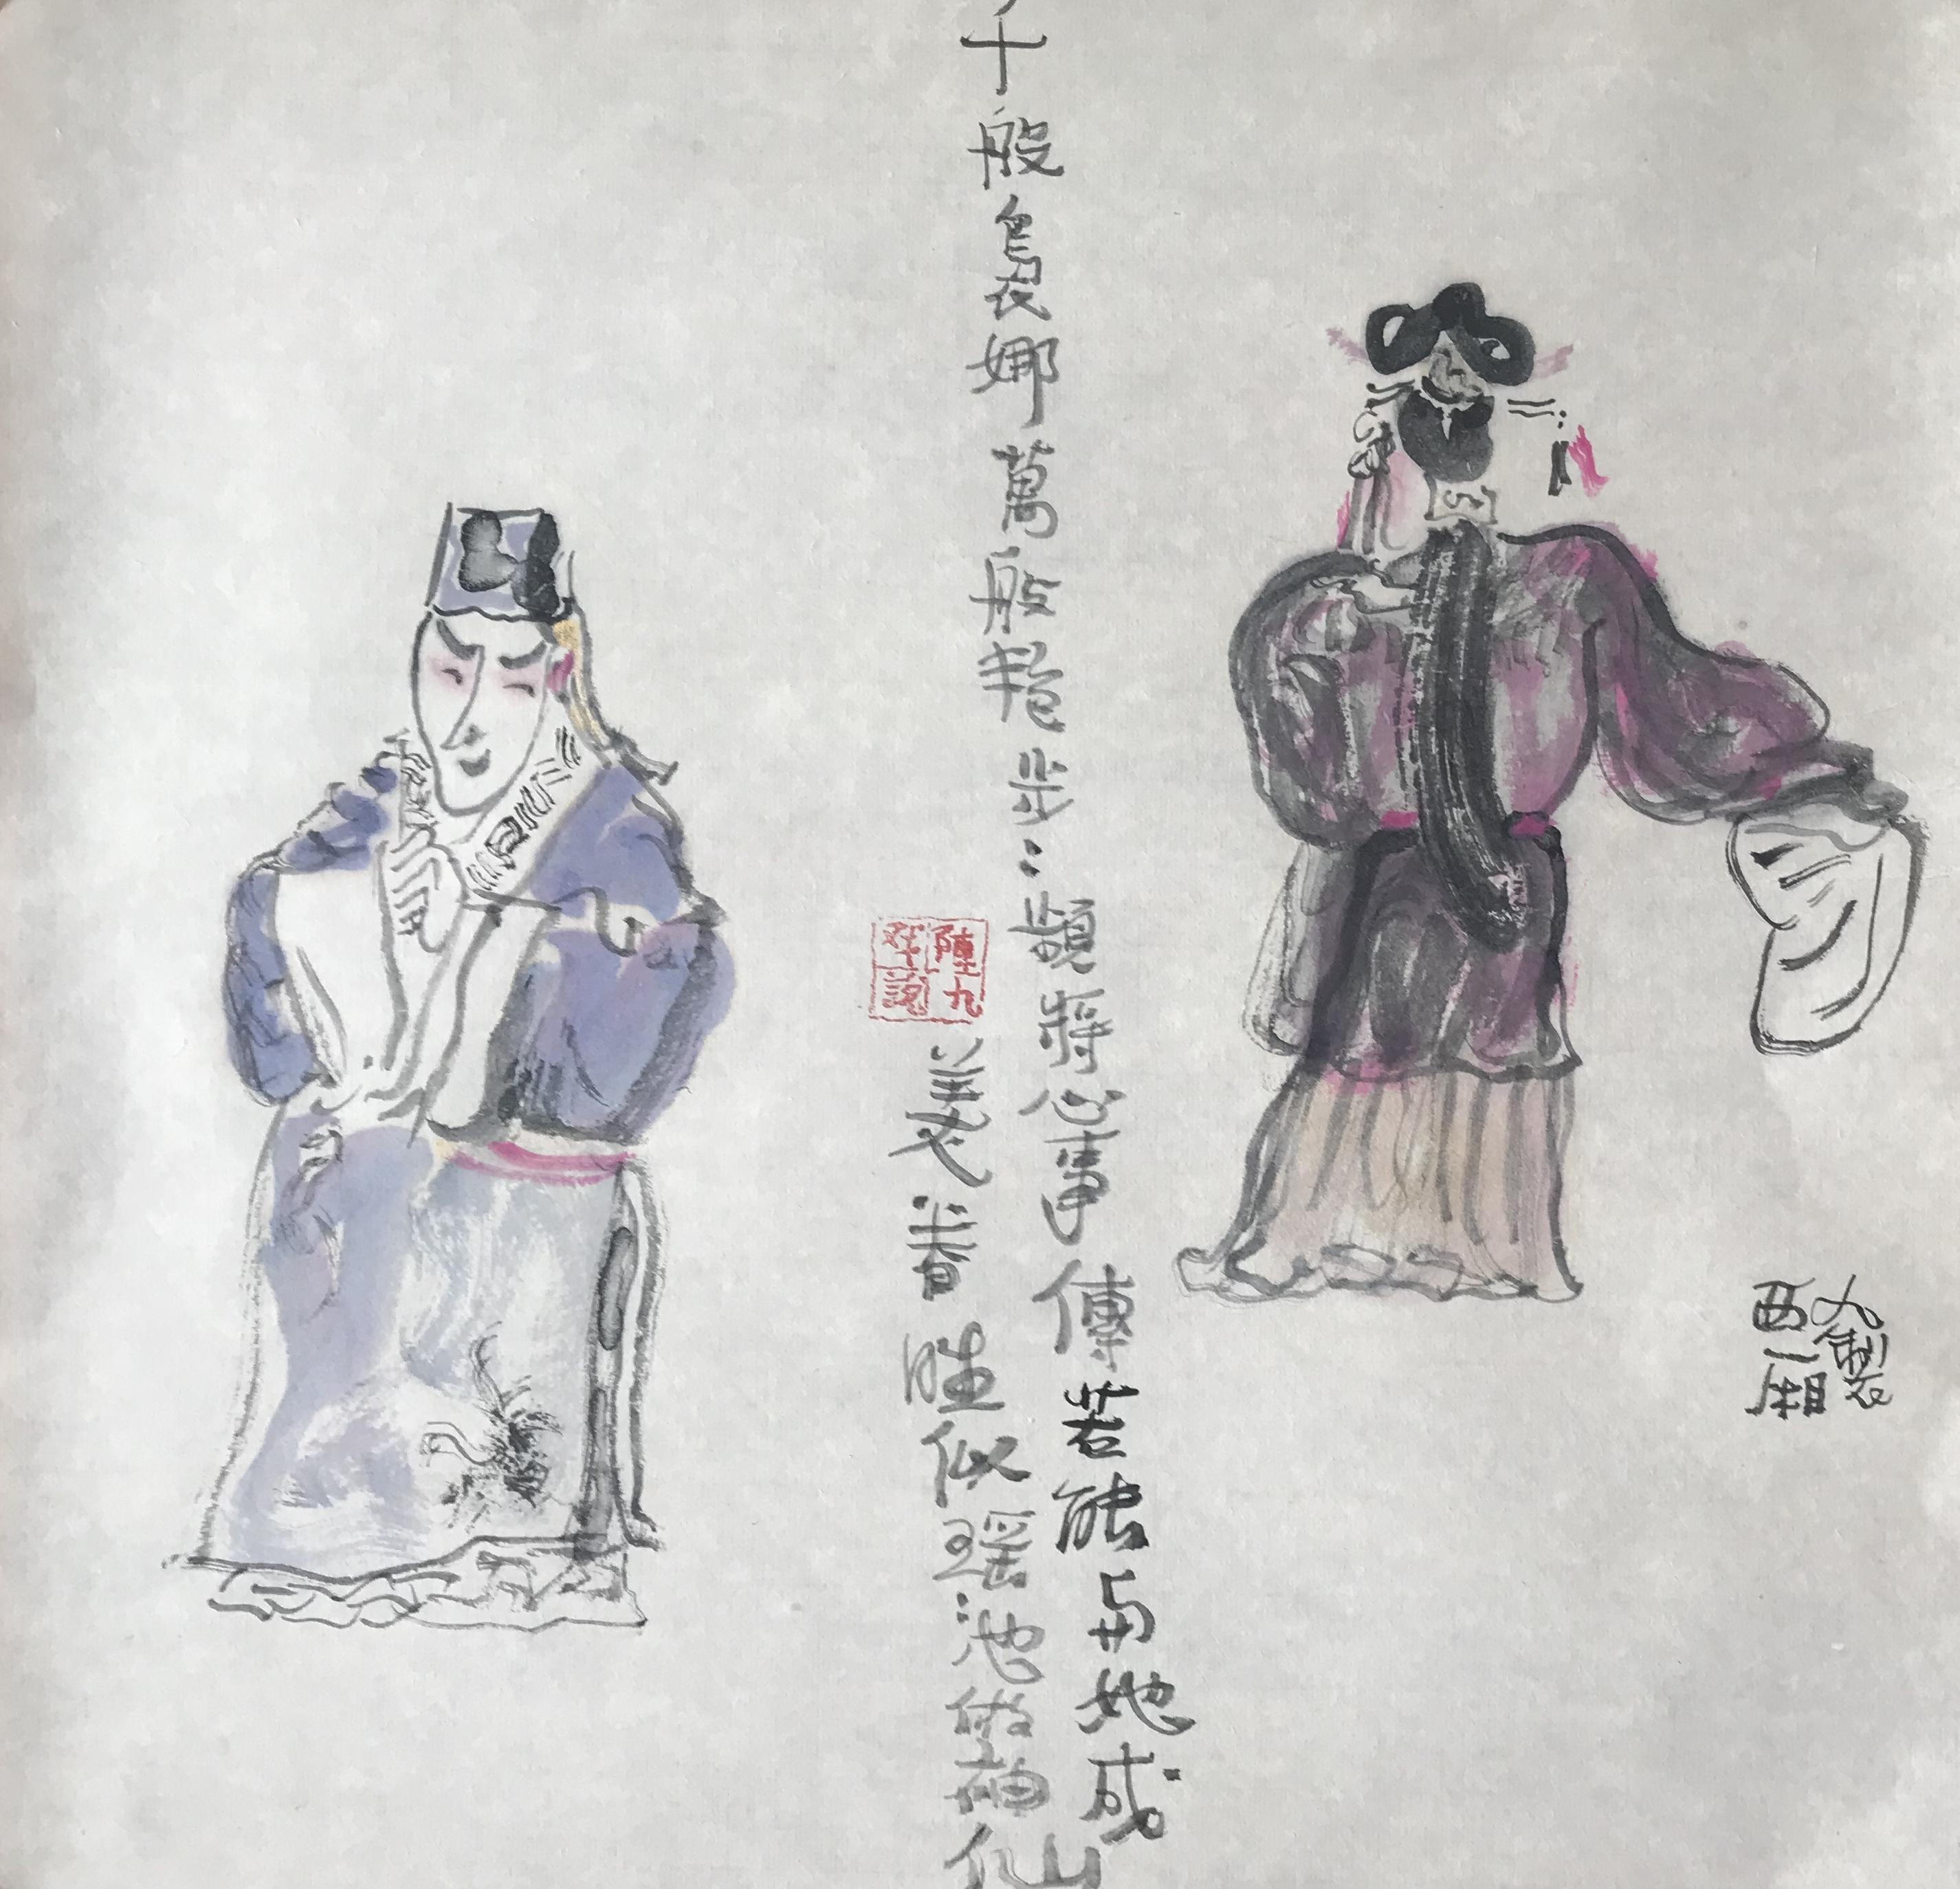 陈九—上海戏剧学院老师